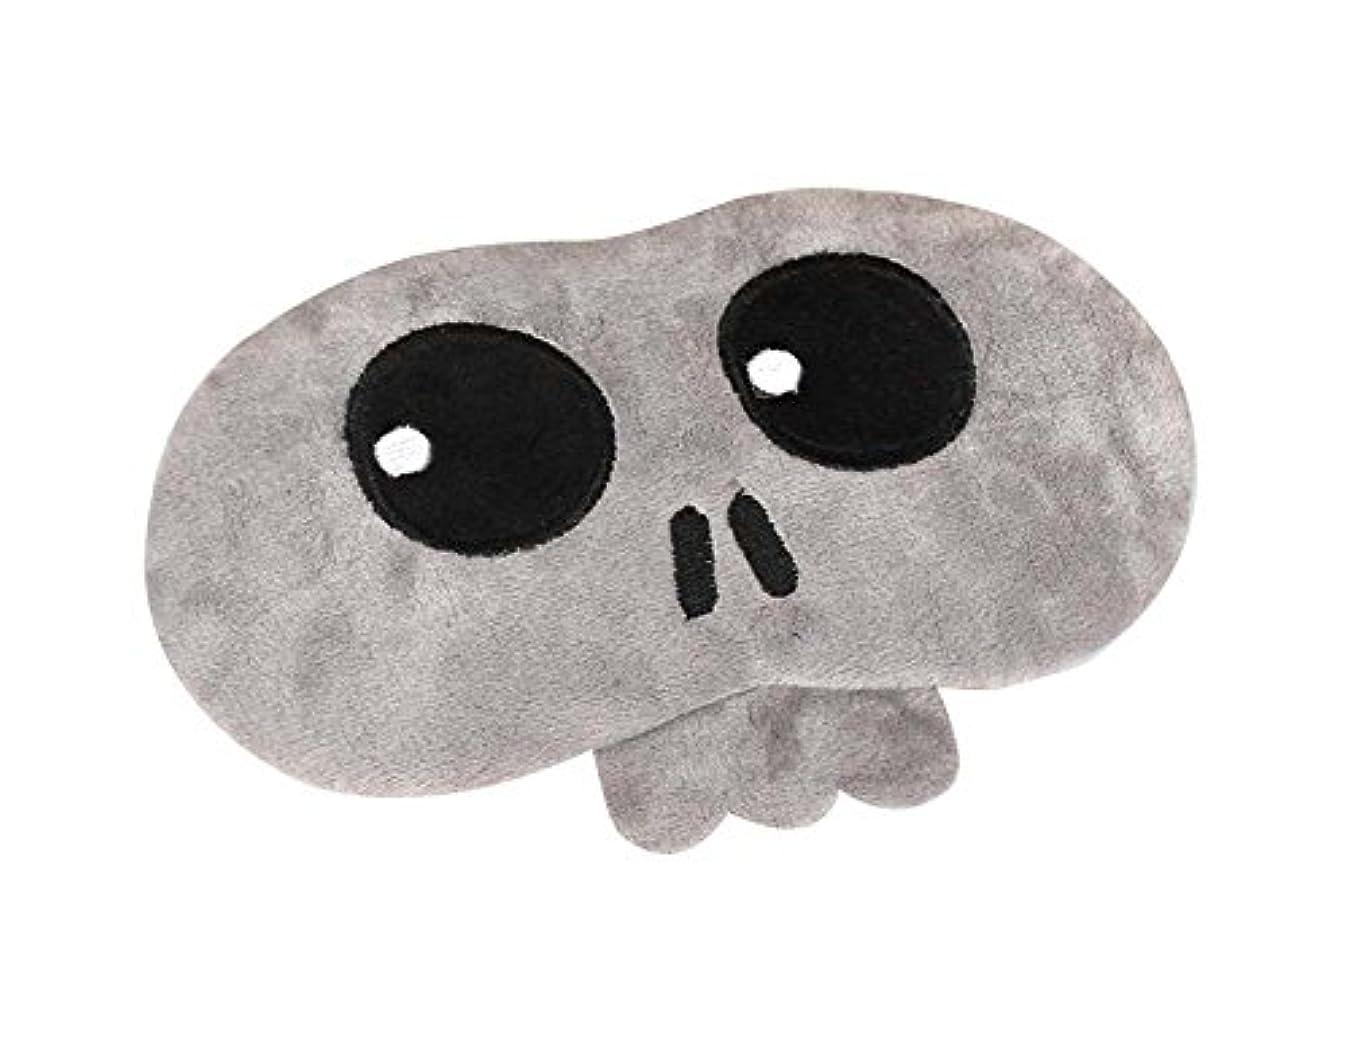 神経障害お金ゴム宿泊施設灰色の頭蓋骨の睡眠の目のマスク快適な目のカバー通気性のアイシェイド